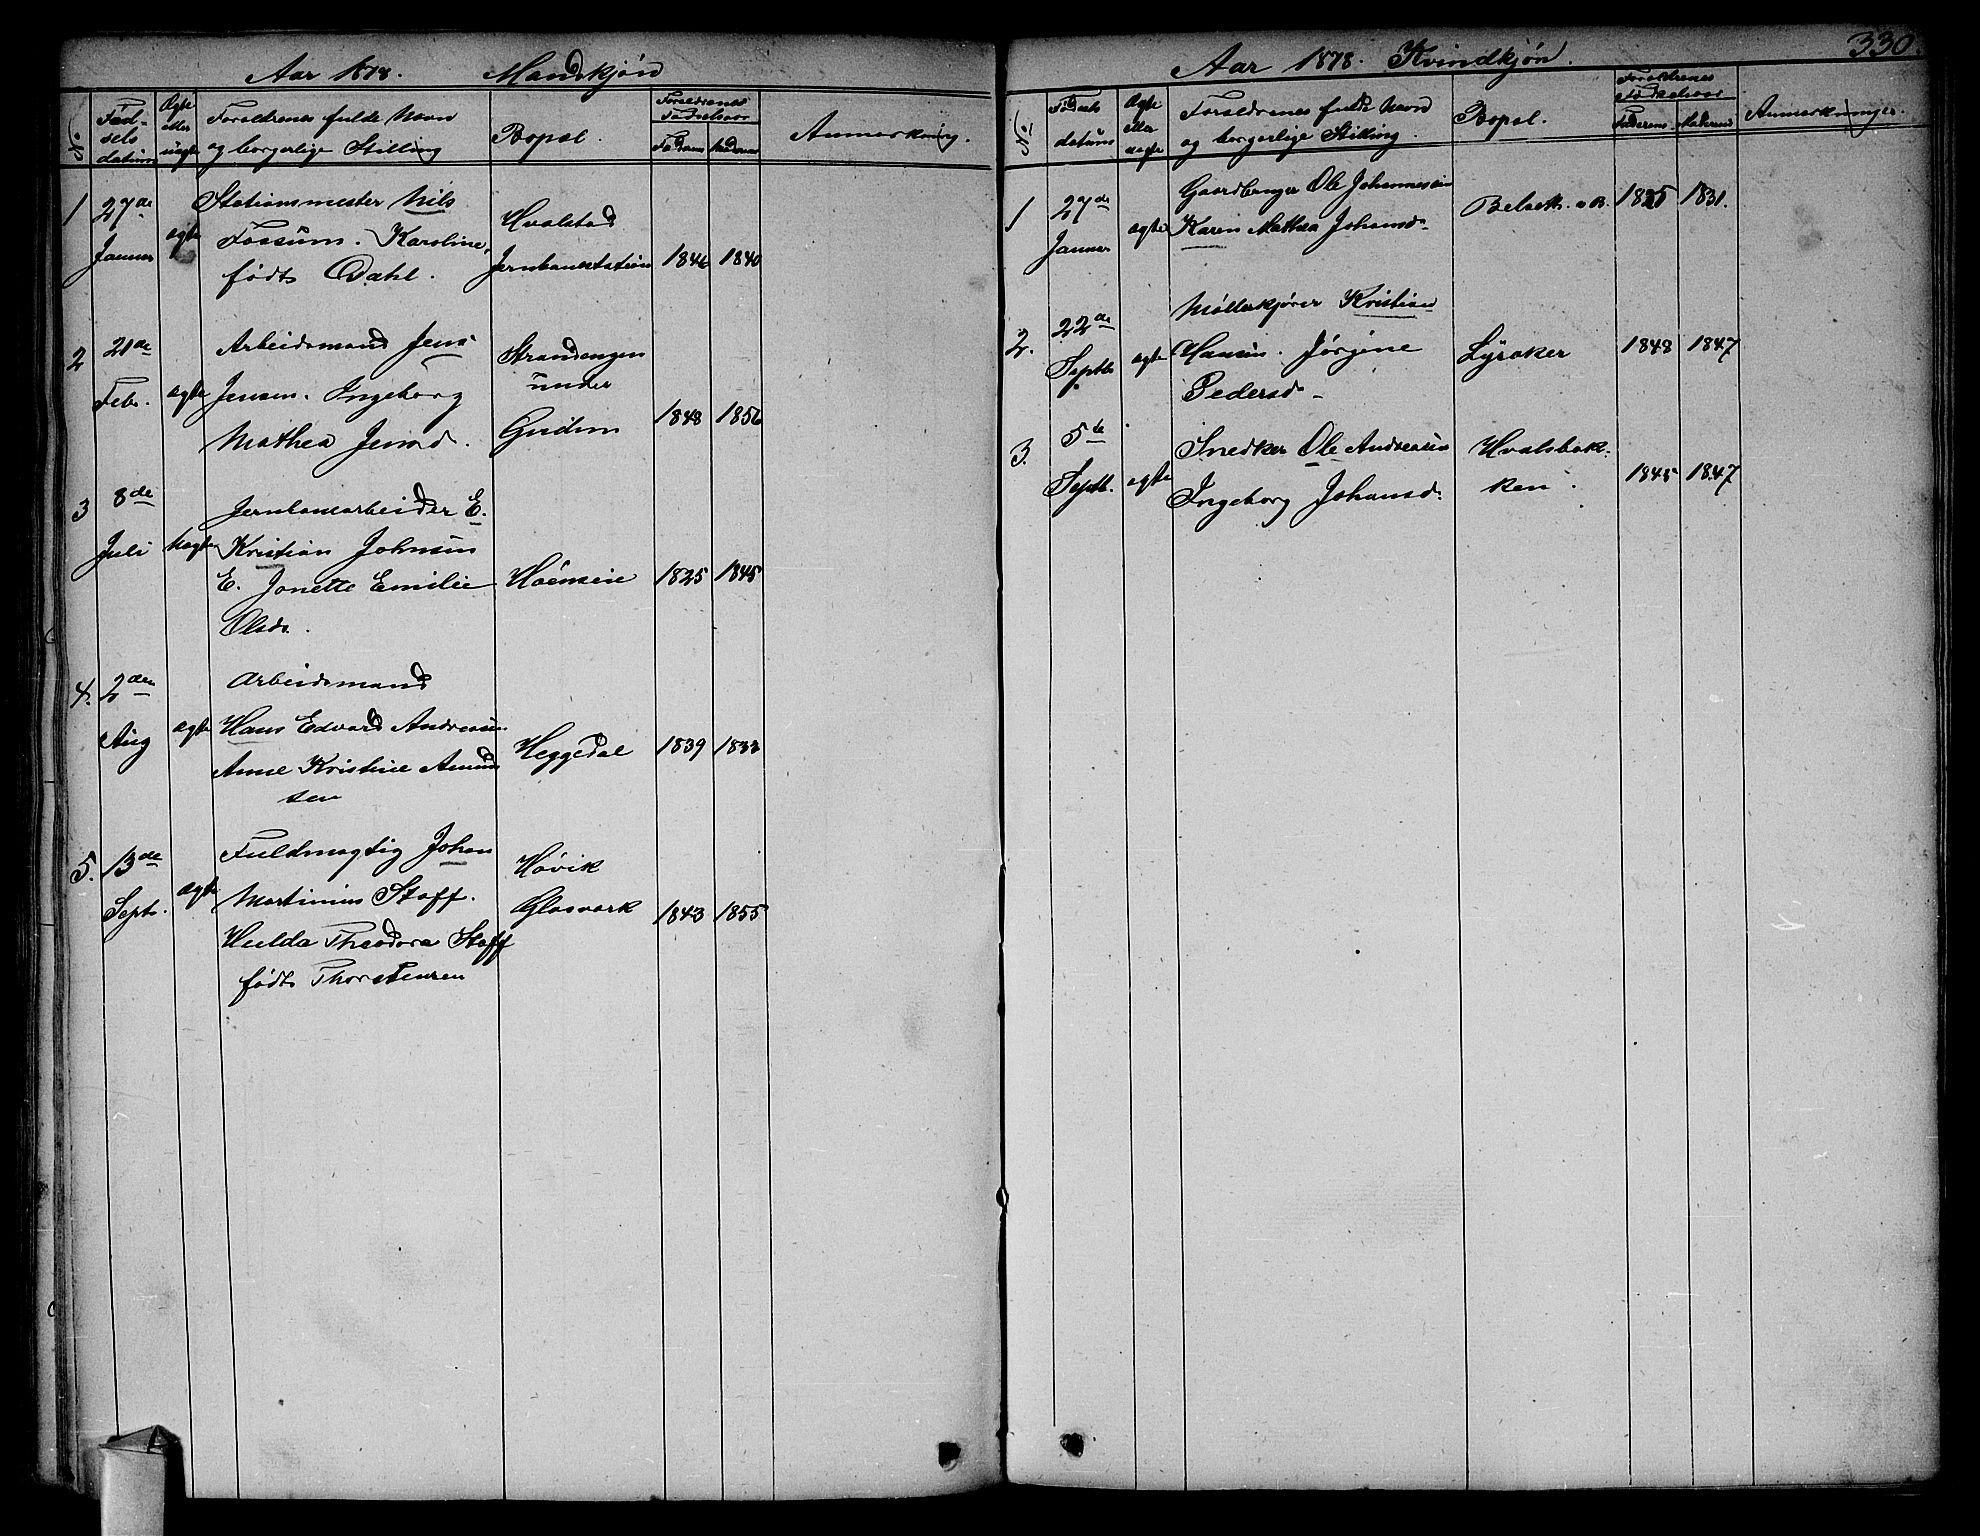 SAO, Asker prestekontor Kirkebøker, F/Fa/L0011: Ministerialbok nr. I 11, 1825-1878, s. 330